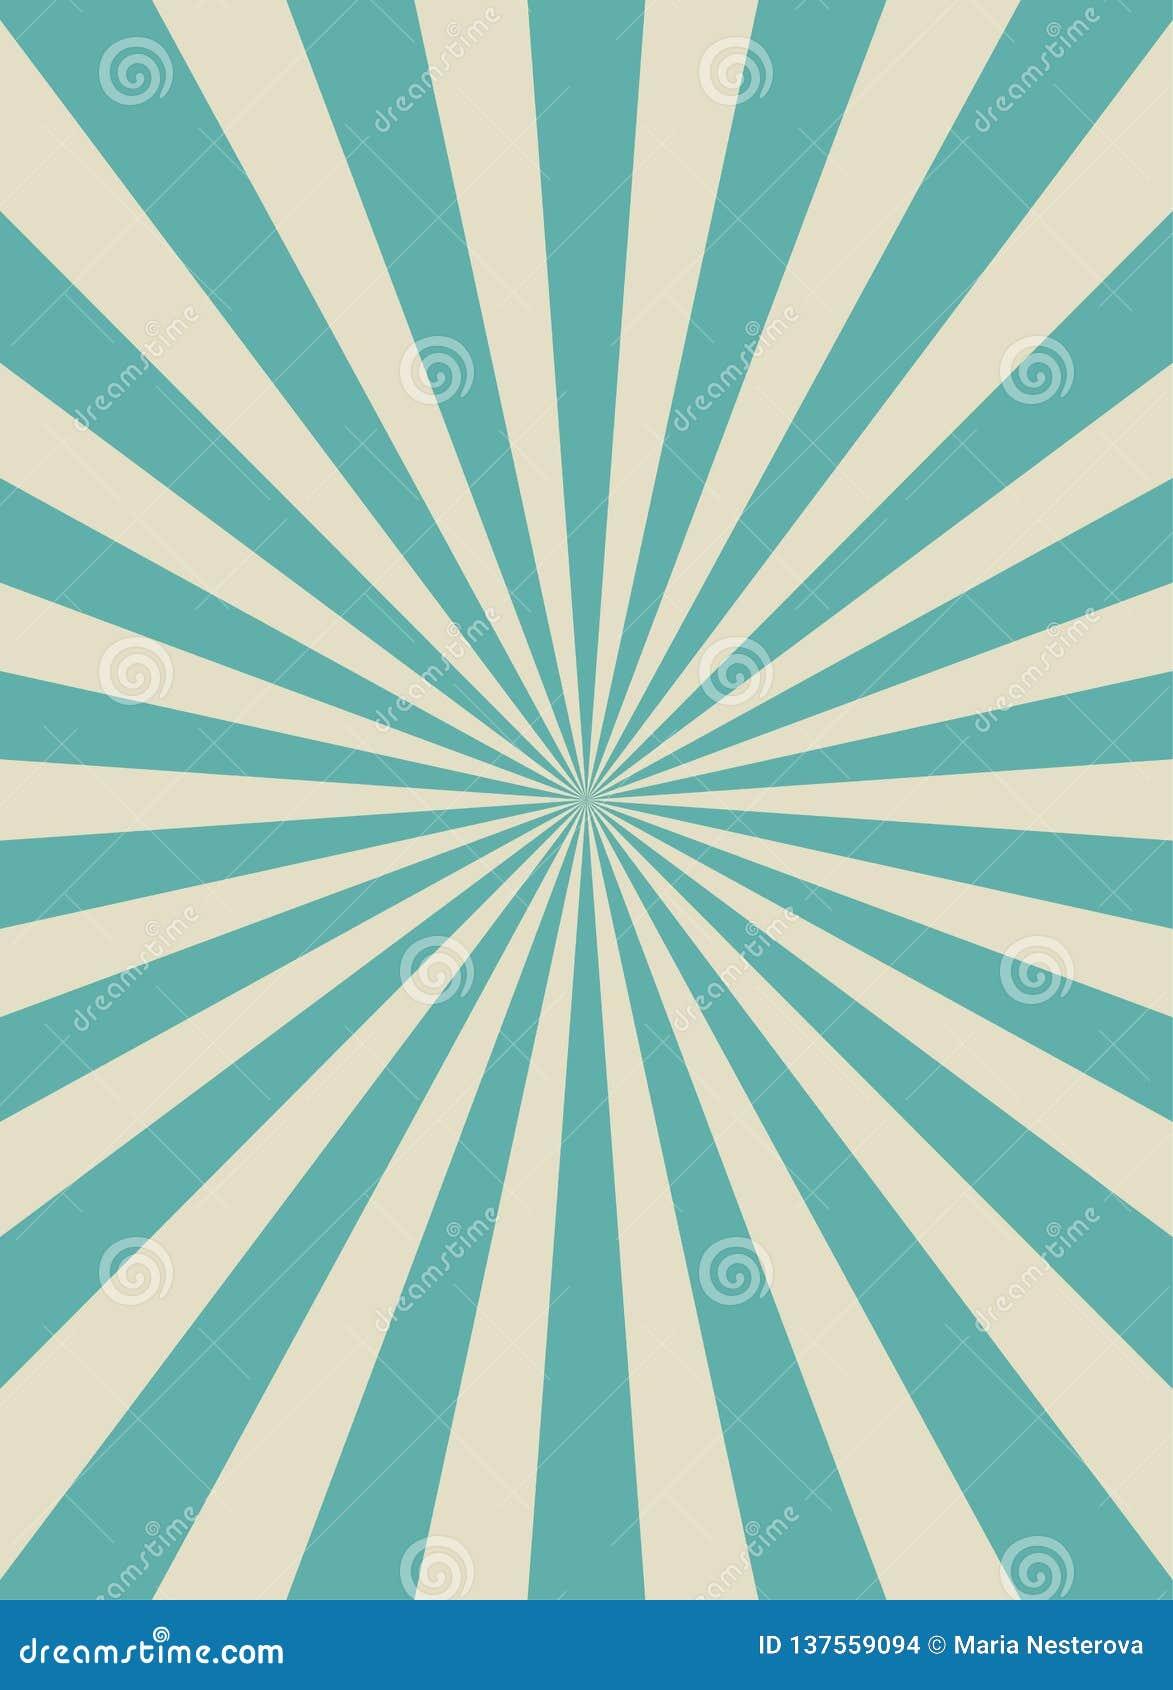 Αναδρομικό στενό κάθετο υπόβαθρο φωτός του ήλιου Χλωμός - μπλε και μπεζ υπόβαθρο έκρηξης χρώματος